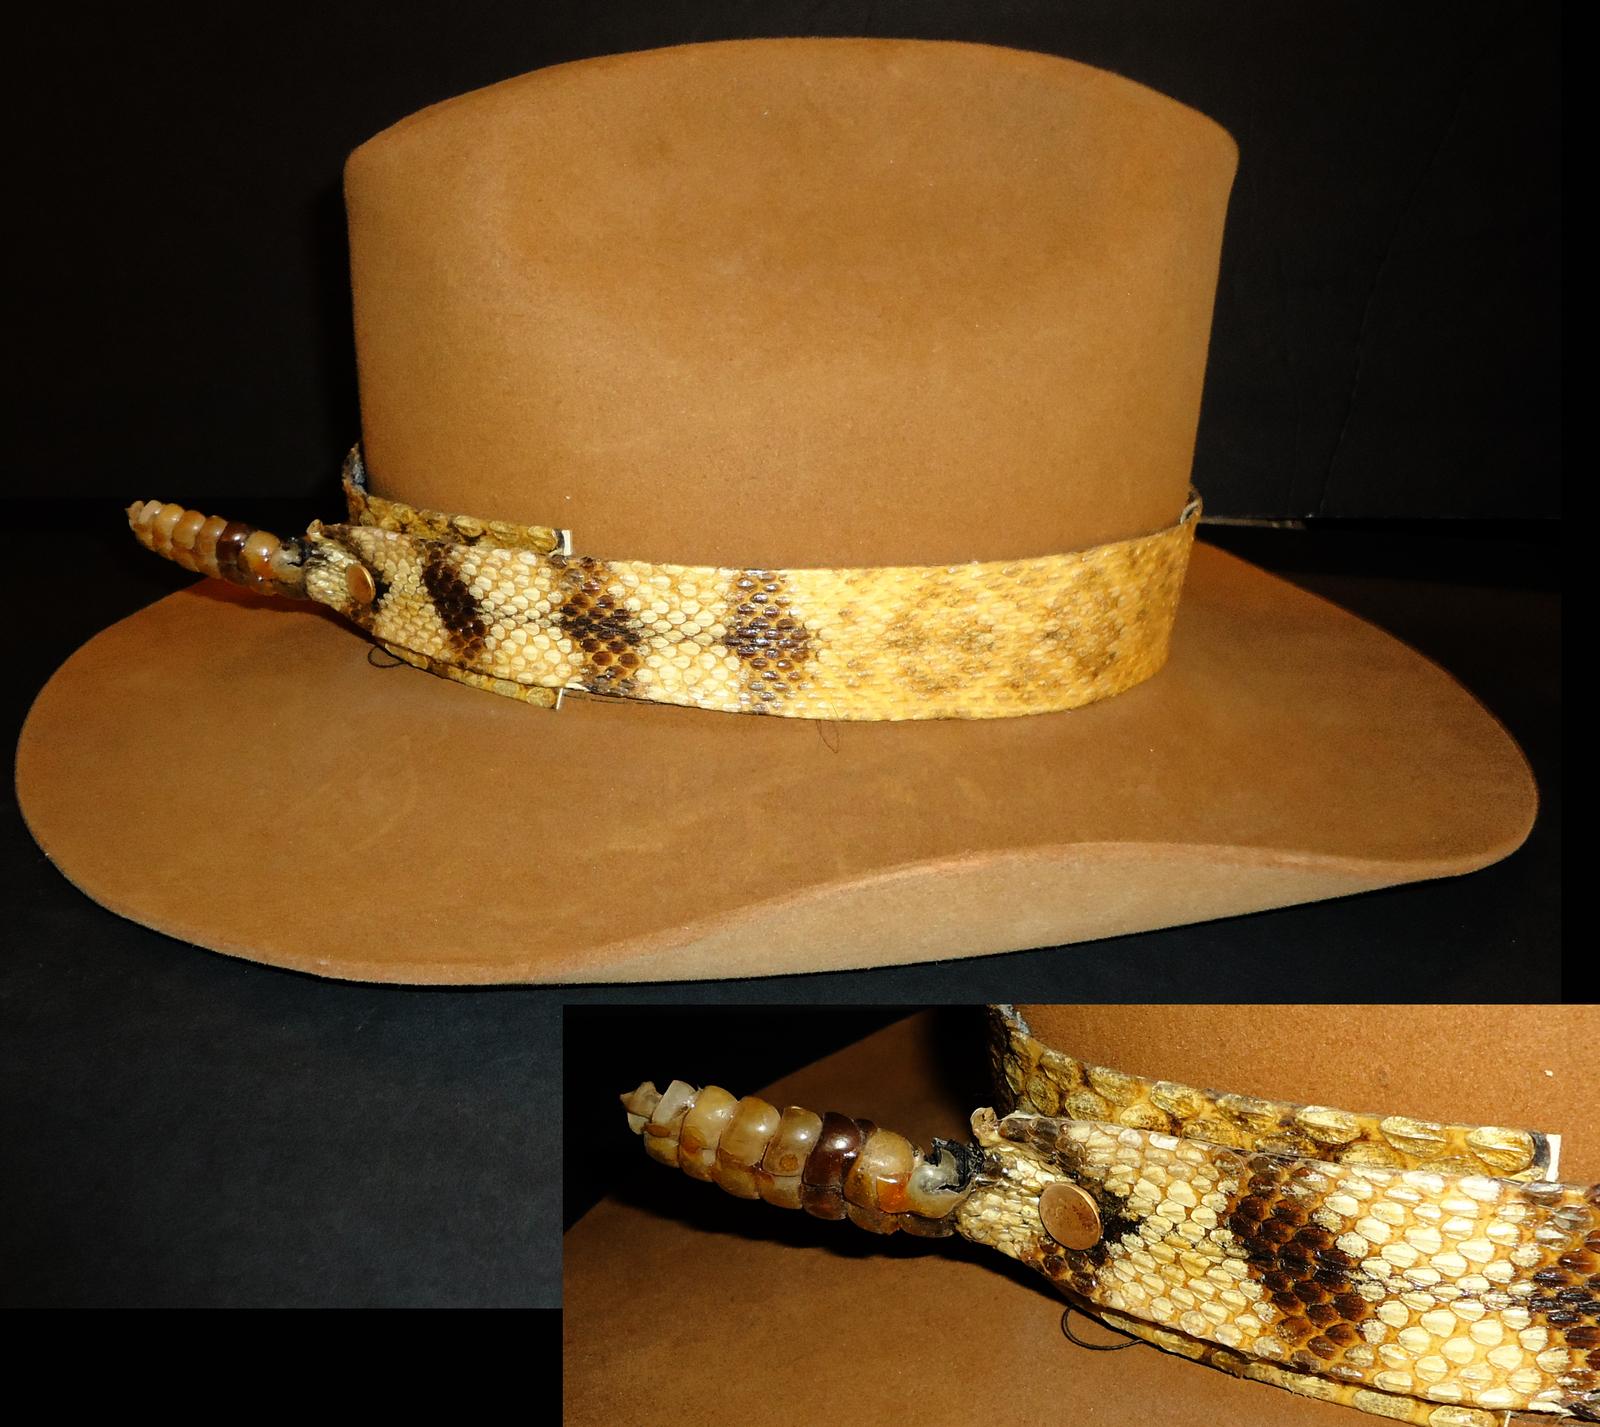 Cowboyhatsnaketail1